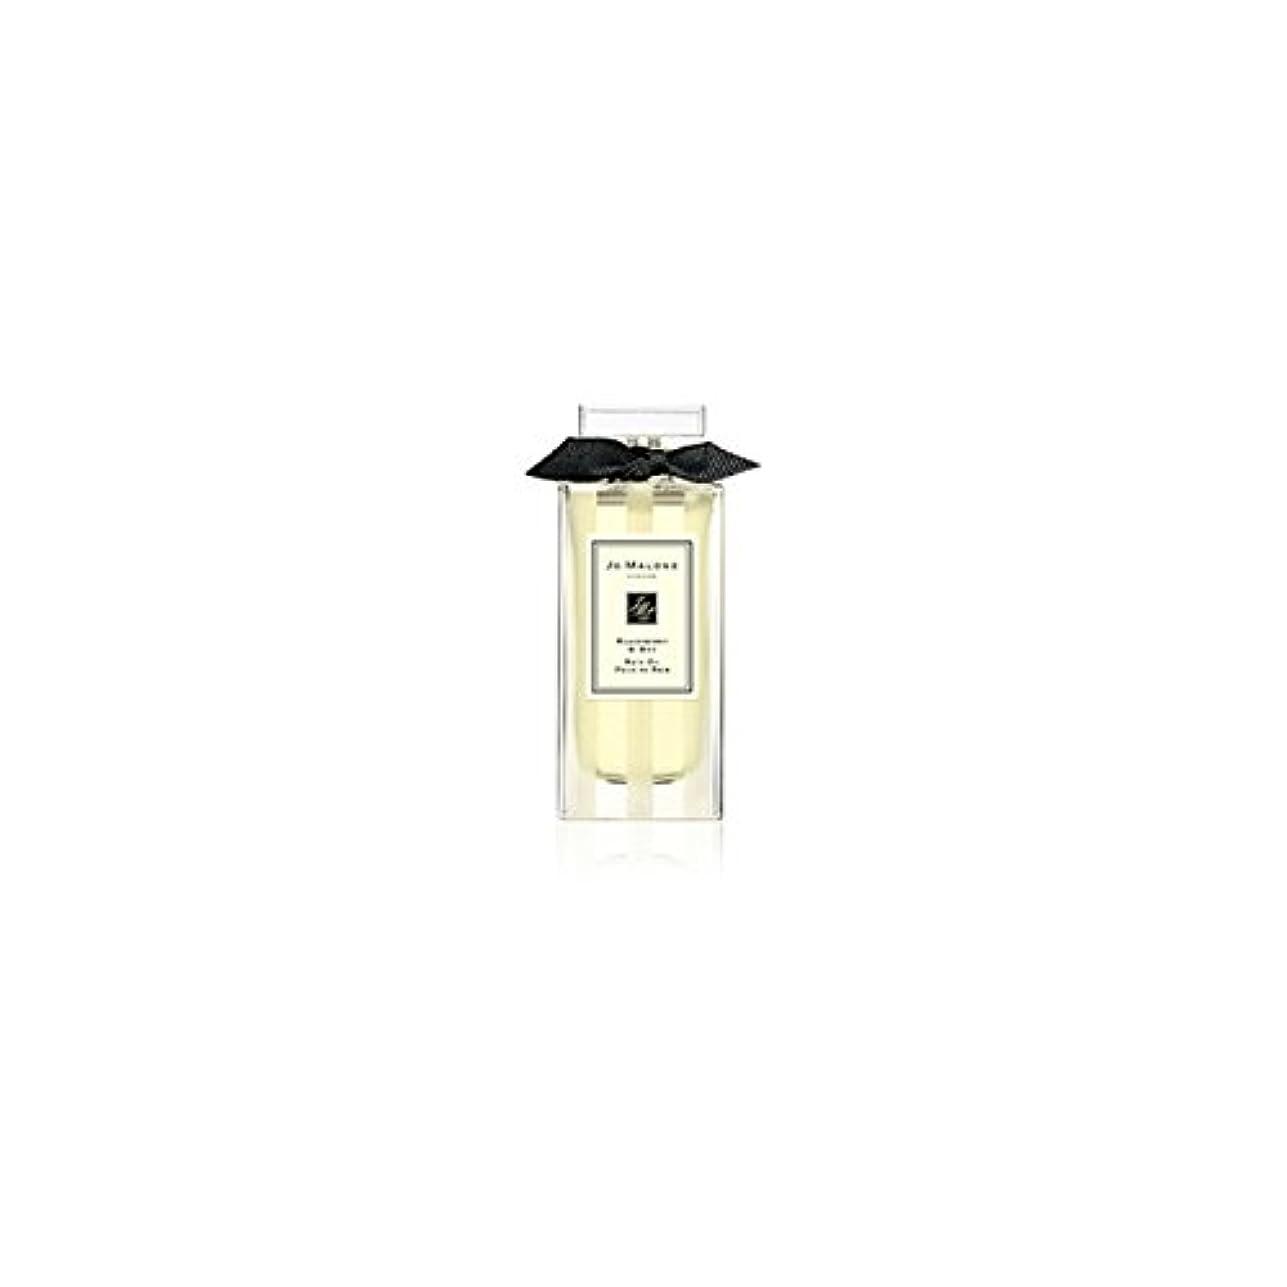 ハッチ顔料抜け目がないJo Malone Blackberry & Bay Bath Oil - 30ml (Pack of 6) - ジョーマローンブラックベリー&ベイバスオイル - 30ミリリットル (x6) [並行輸入品]